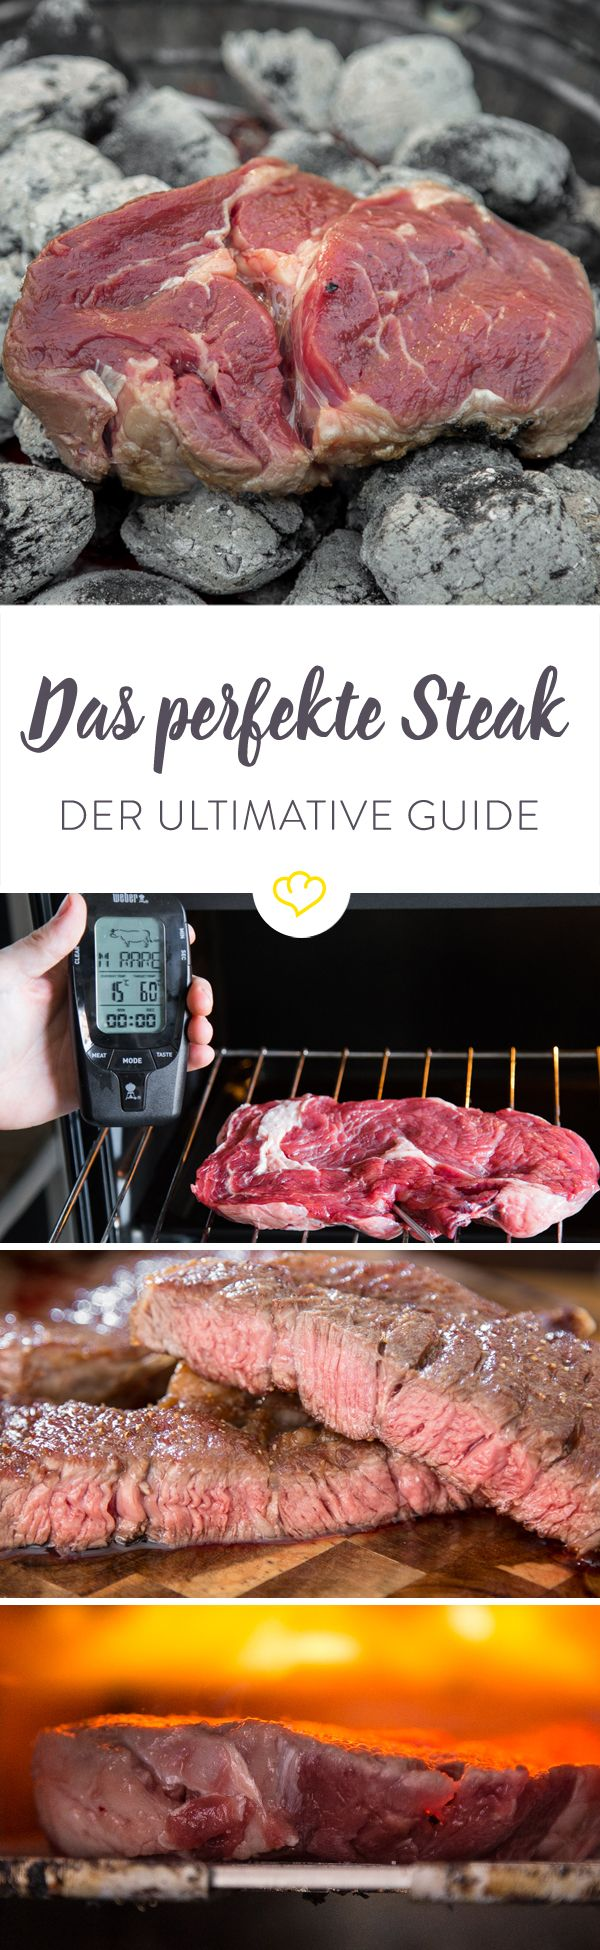 Es geht doch wirklich nichts über ein gutes Steak! Der Anblick fasziniert uns und der Appetit auf ein Stück gebratenes Fleisch scheint bei den meisten Menschen in den Genen zu liegen, so wie laufen und sprechen lernen. Doch wie bekomme ich ein perfektes Steak zu Hause hin? Was brauche ich dafür? Welche Methode ist die beste? Das alles und noch viel mehr erfährst du in diesem ultimativen Guide!